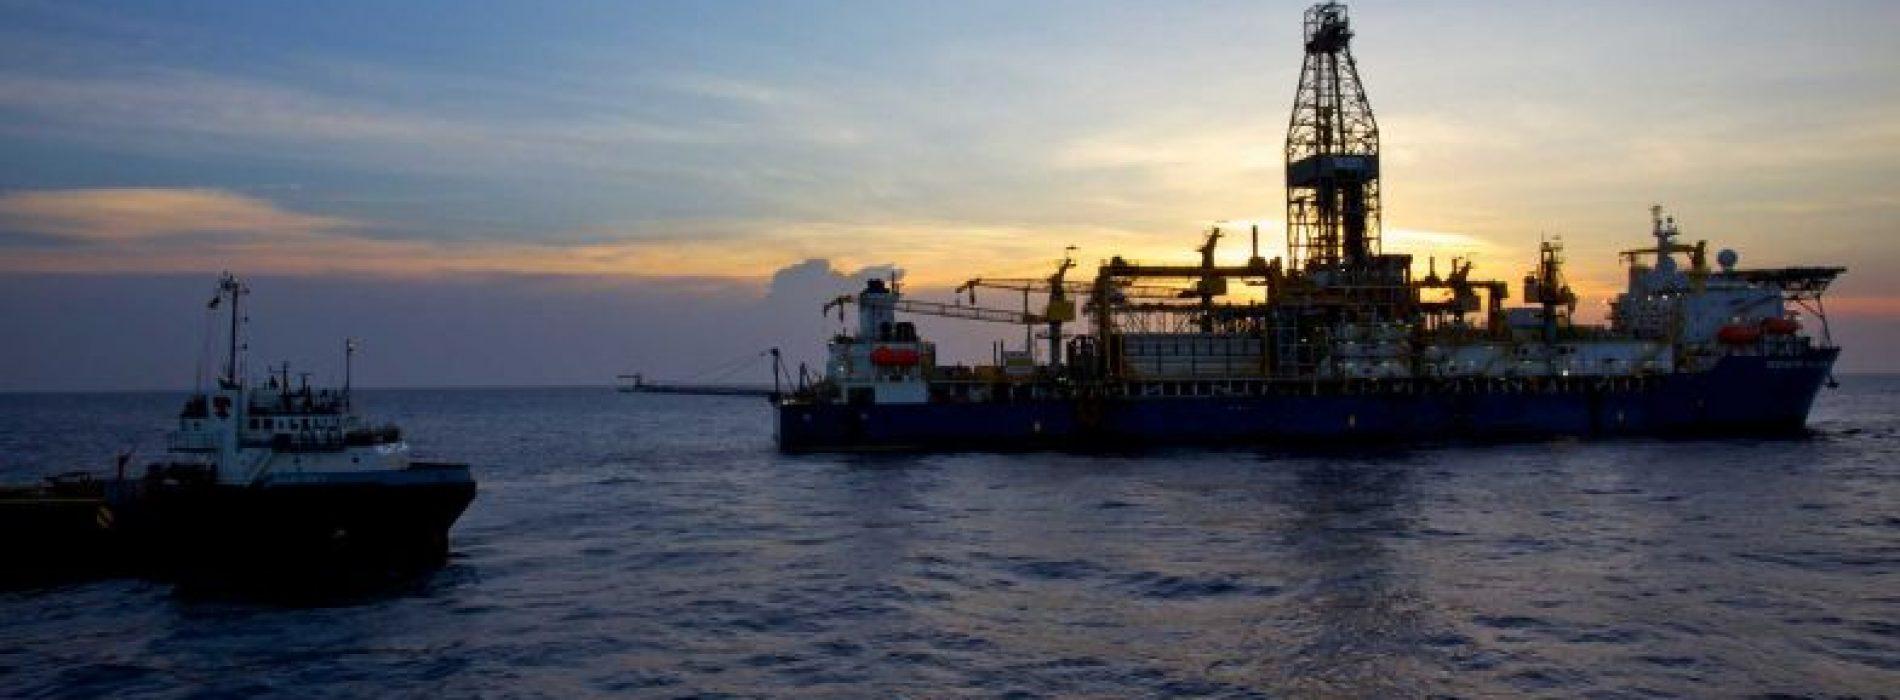 Mozambico, il gas potrebbe trasformare l'economia del paese